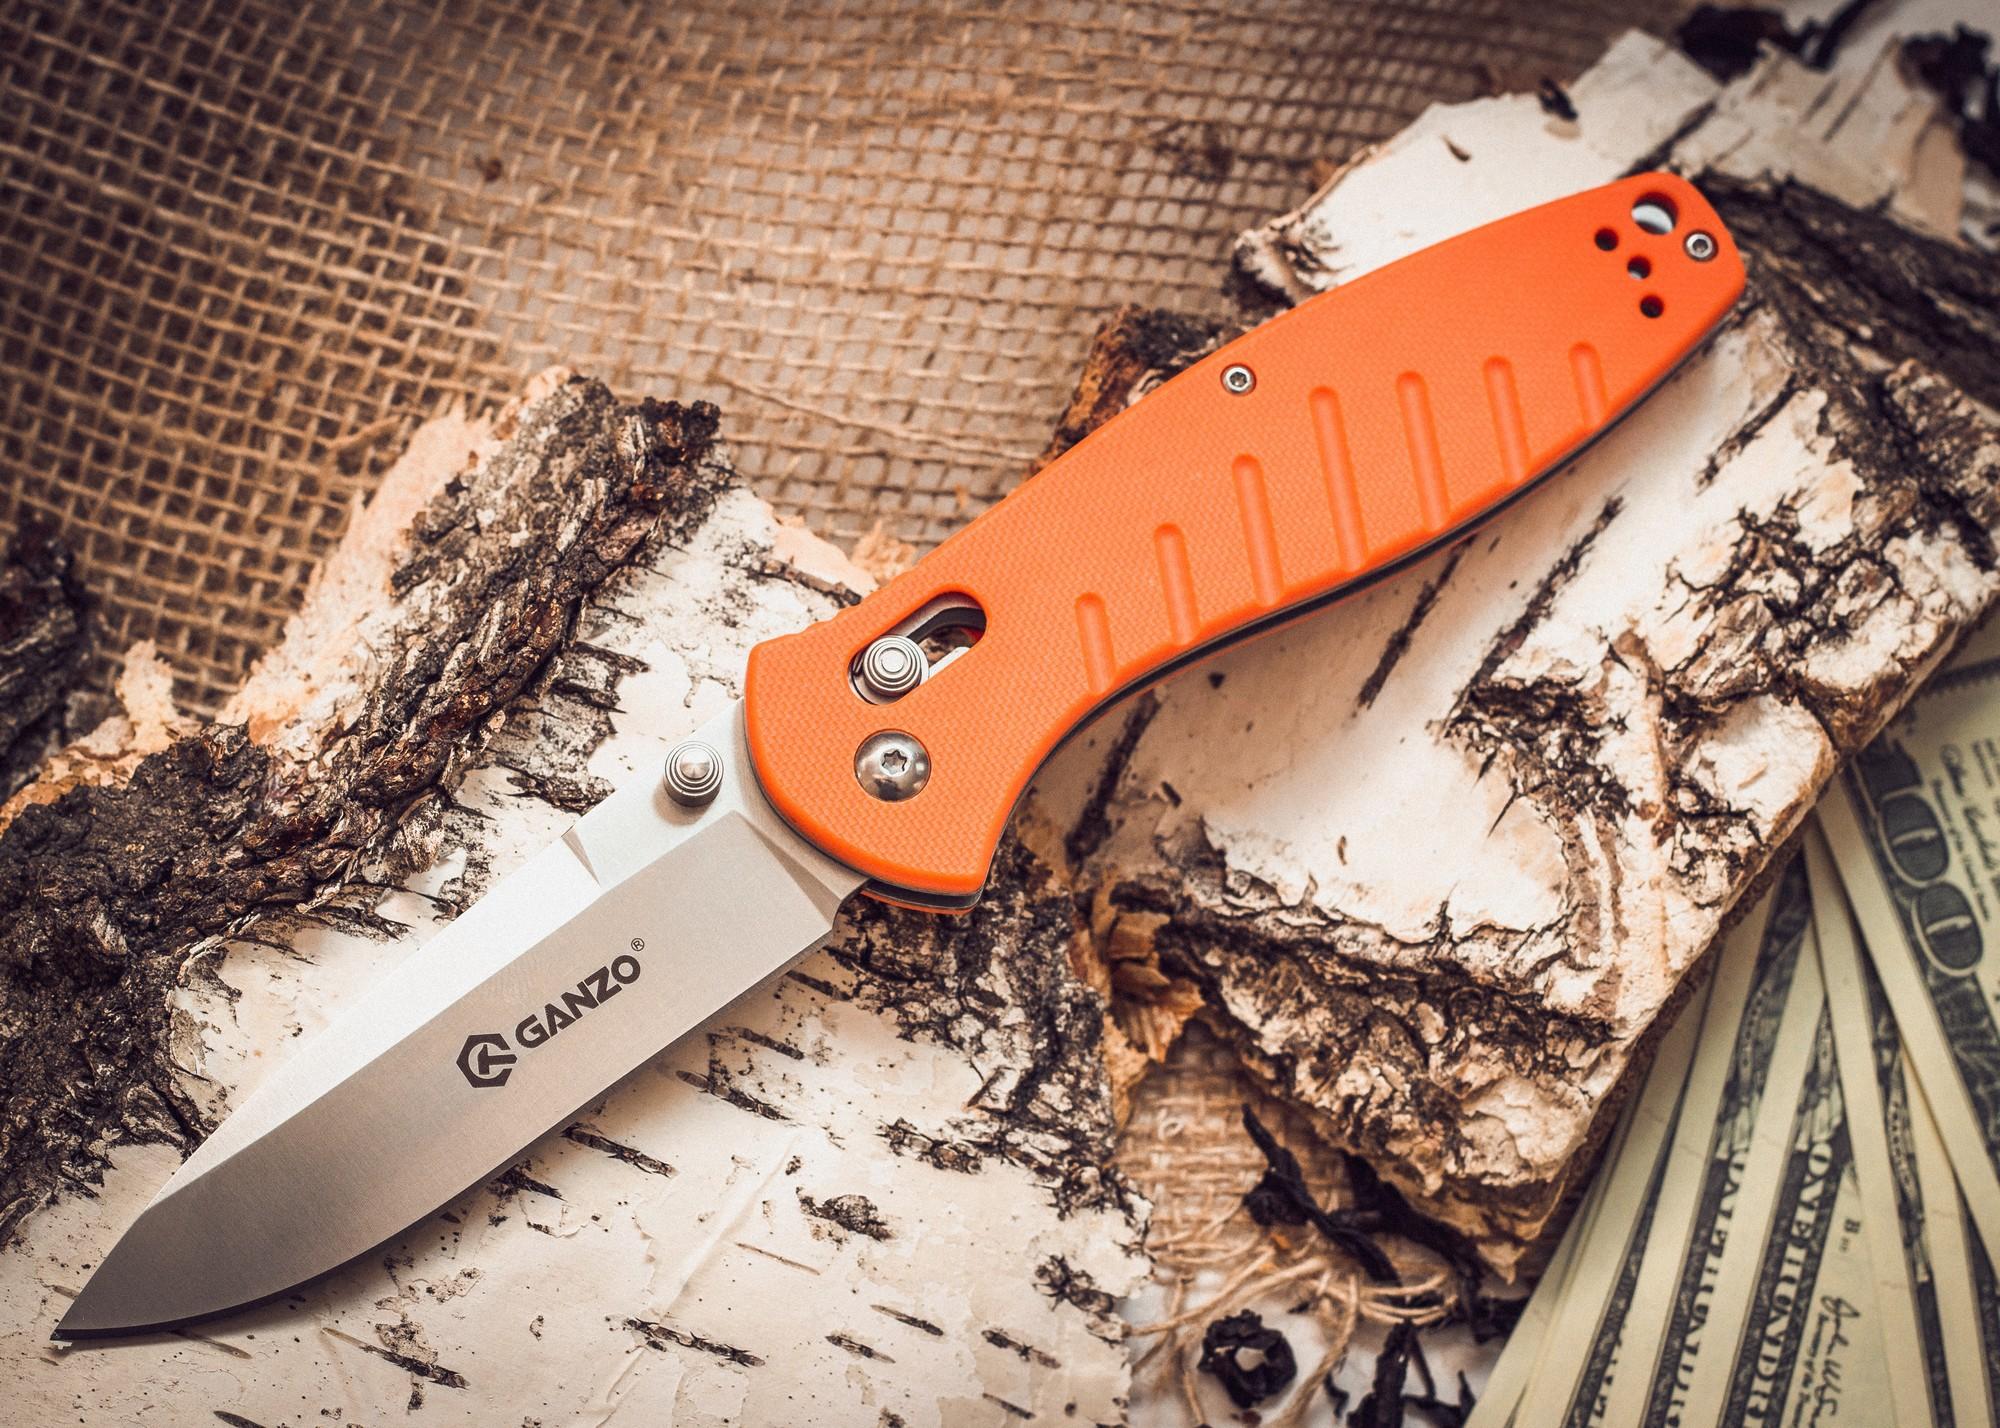 Складной нож Ganzo G738, оранжевыйРаскладные ножи<br>Чтобы выдержать эксплуатацию в таких жестких условиях, какие предполагает отдых на природе, нож должен быть собран из самых качественных комплектующих. Так, клинок Ganzo G738 выпущен из нержавейки, которая нашла широкое применение в этой отрасли. Марка 440С содержит в составе целый ряд легирующих добавок, которые позволяют улучшить ее свойства, повысить стойкость к ржавлению и способность оставаться остро заточенной. Геометрия клинка грамотно продумана. Это drop point с пониженной линией обуха. Острие клинка немного приподнято, за счет чего режущая кромка фактически удлиняется. Заточка ножа ровная и ее легко подновить, используя самую обычную карманную точилку. Что касается габаритов клинка, то это длина 8,9 см, позволяющая легко использовать нож для чистки рыбы, приготовления бутербродов, и толщина 3,3 мм.<br>В каждом из крайних положений (открытый и сложенный нож) лезвие хорошо фиксируется. Этому способствует использование замка Axis-Lock. В нем применяется небольшой металлический штифт, который и определяет положение клинка. Разблокировать такой замок можно даже одной рукой, что является несомненным преимуществом для туристов и охотников.<br>